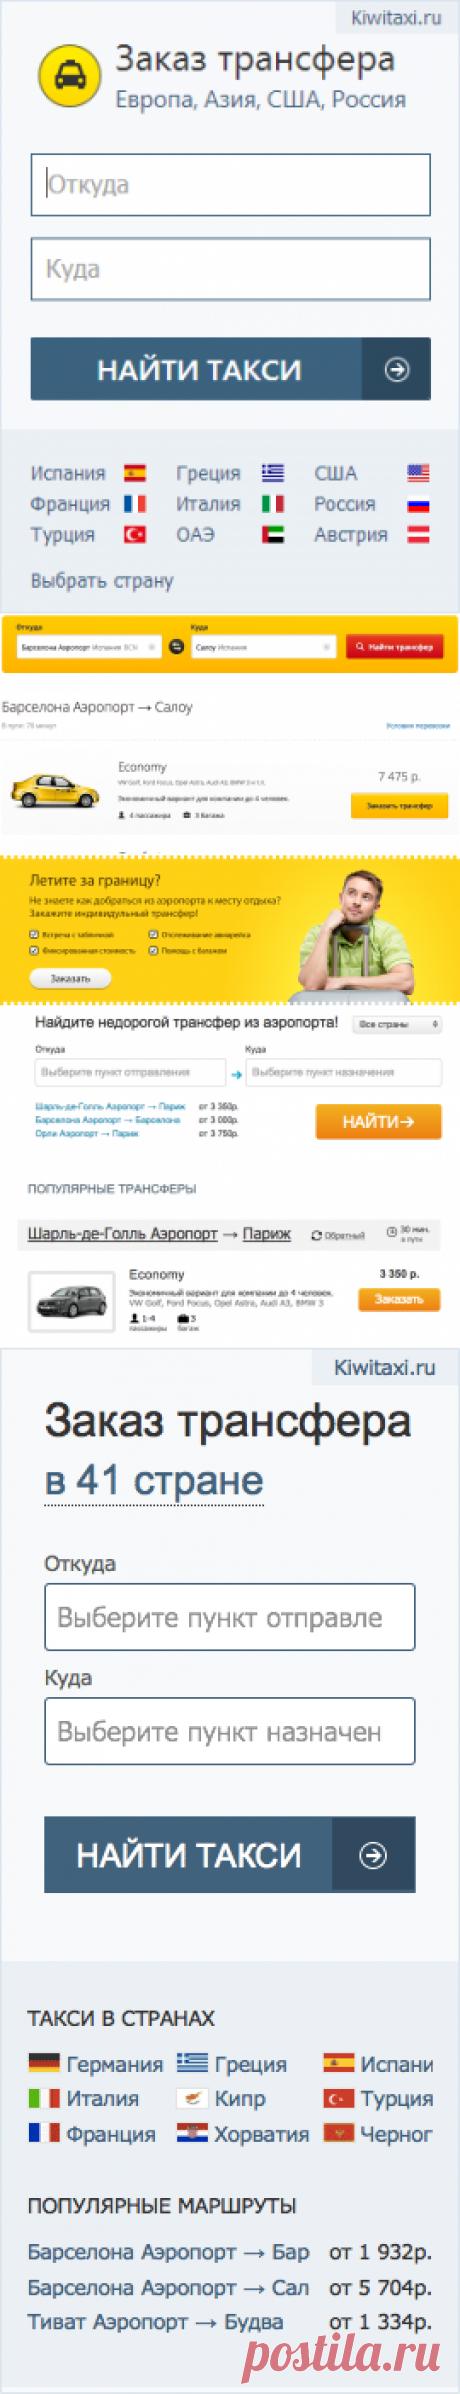 Travelpayouts — Партнёрская сеть Travelpayouts